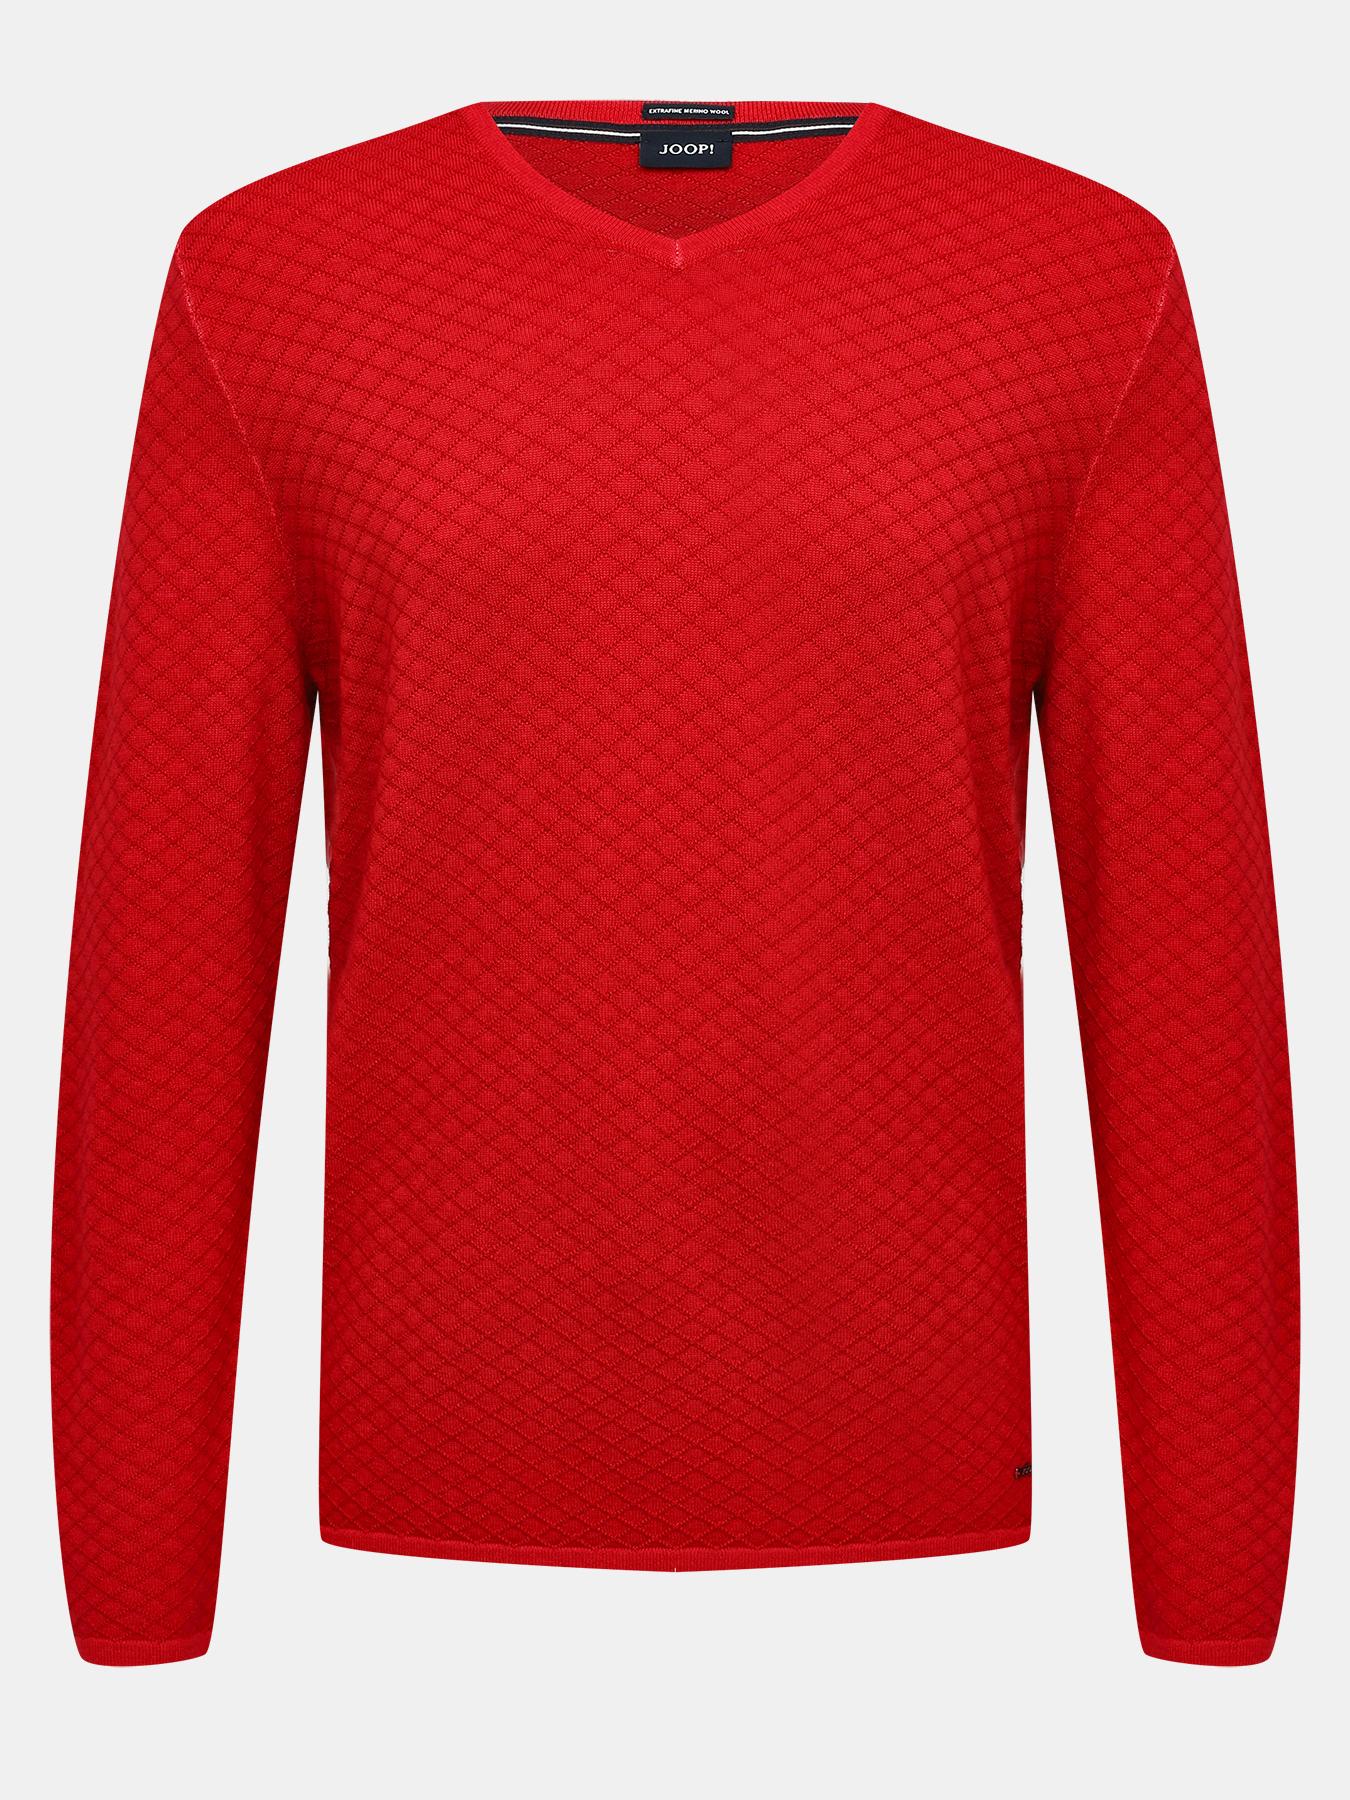 Пуловеры JOOP! Пуловер фото